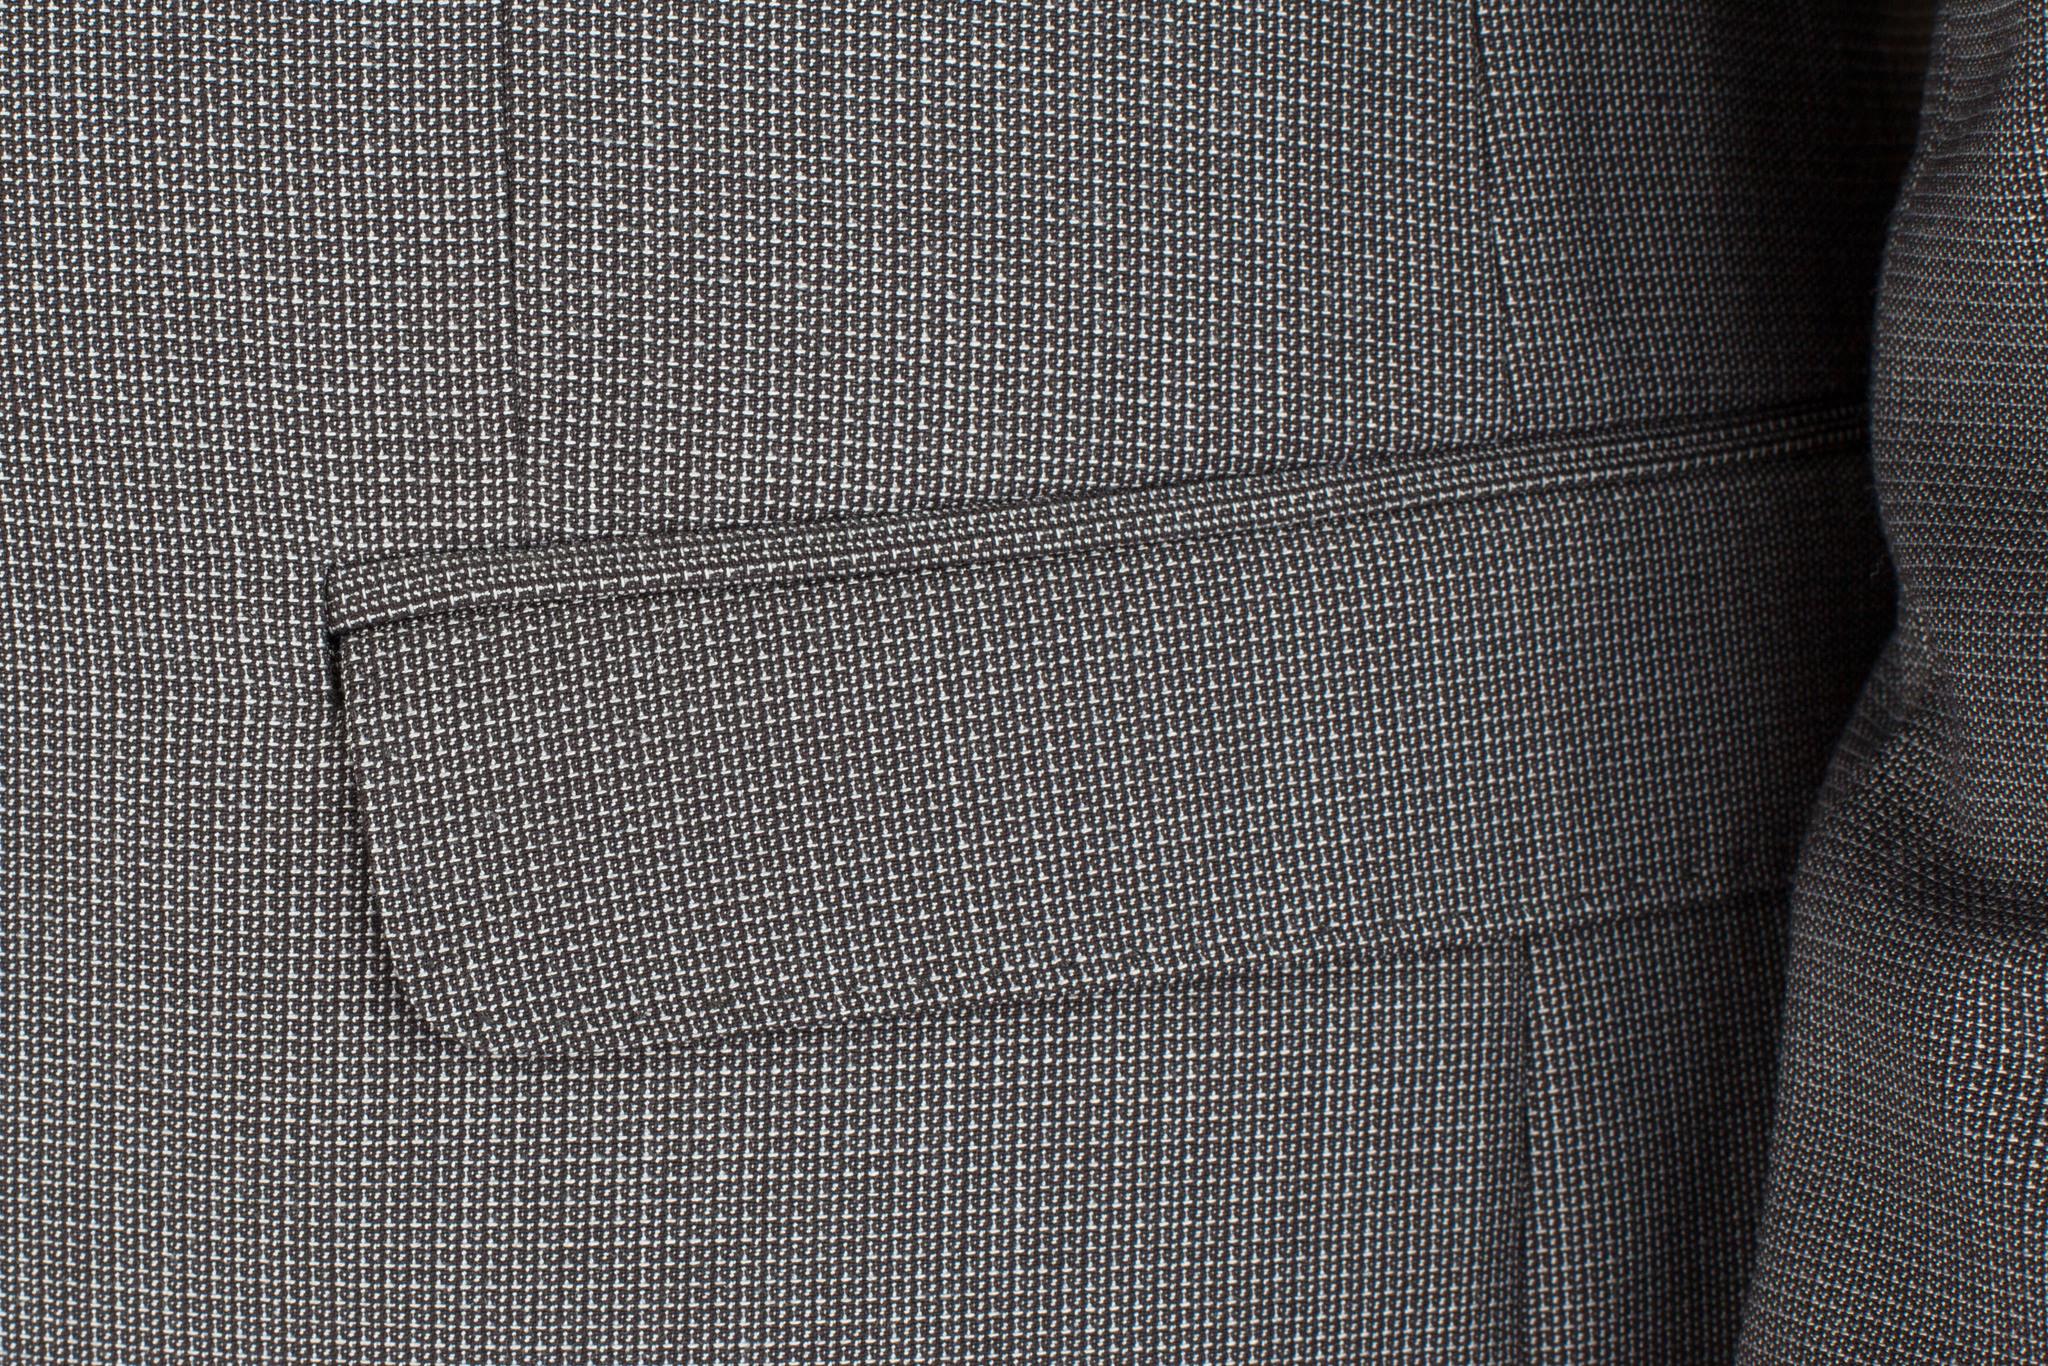 Серый шерстяной костюм, накладной карман